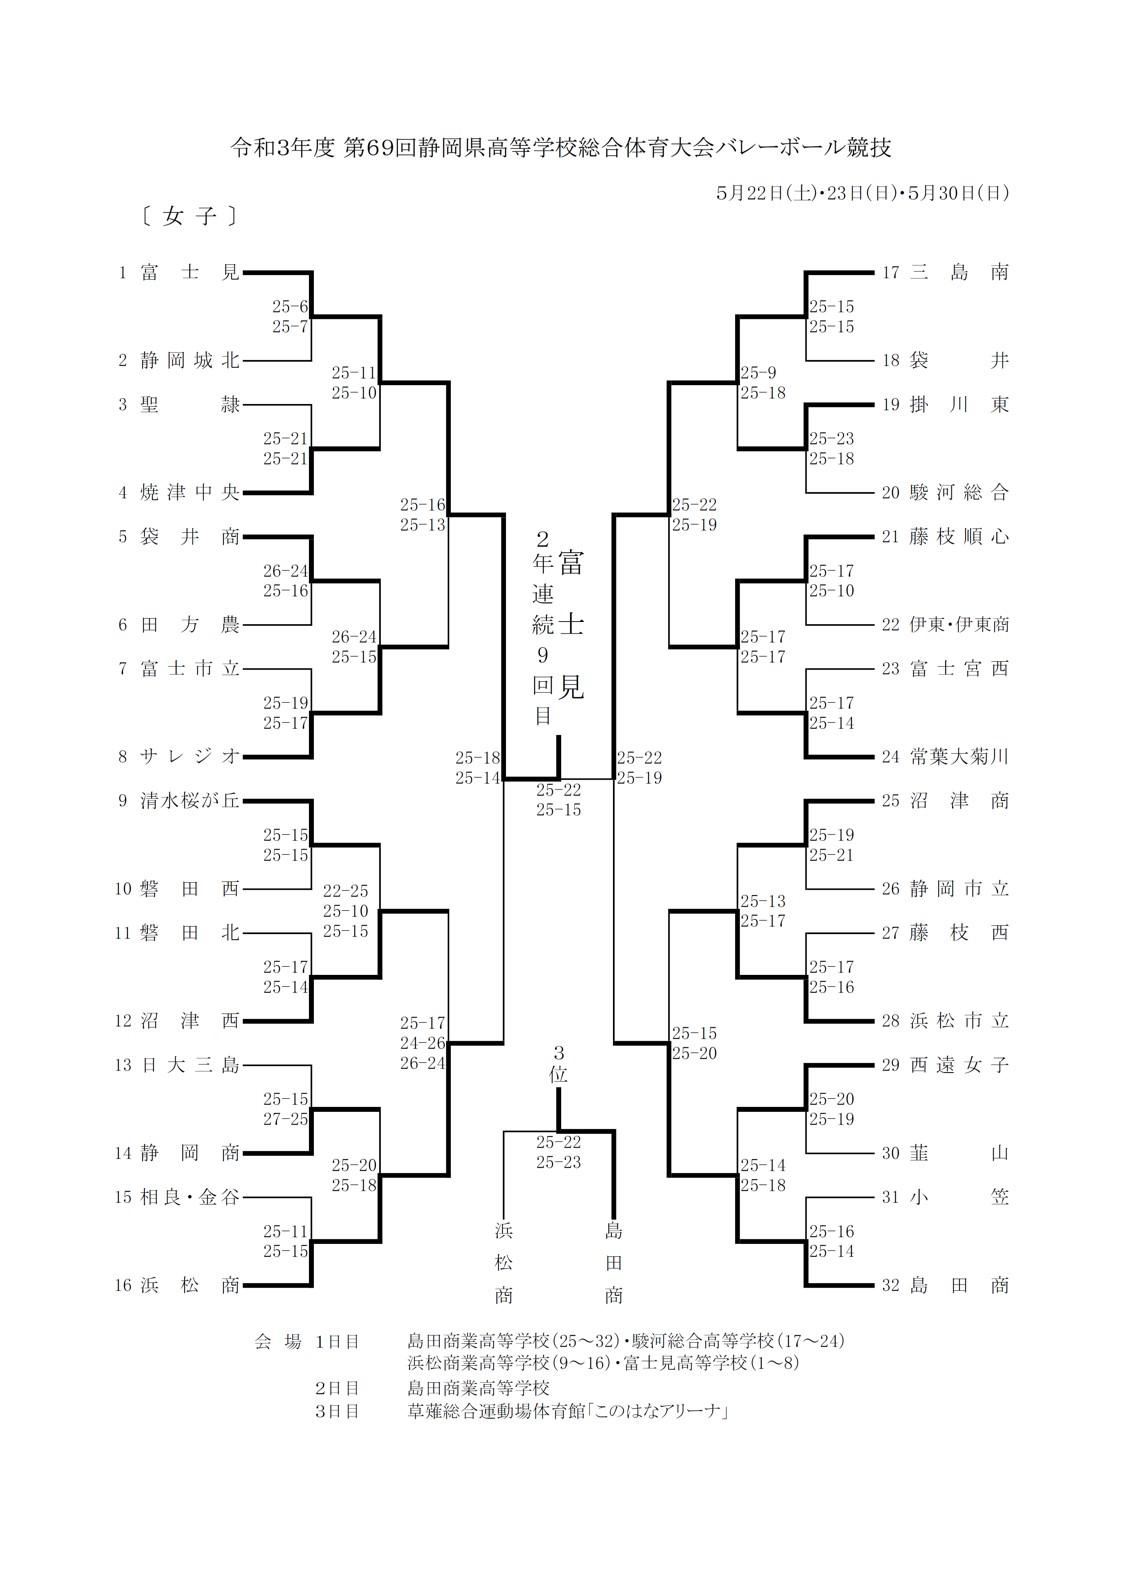 2021年度_インターハイ予選_静岡県予選_女子_最終結果